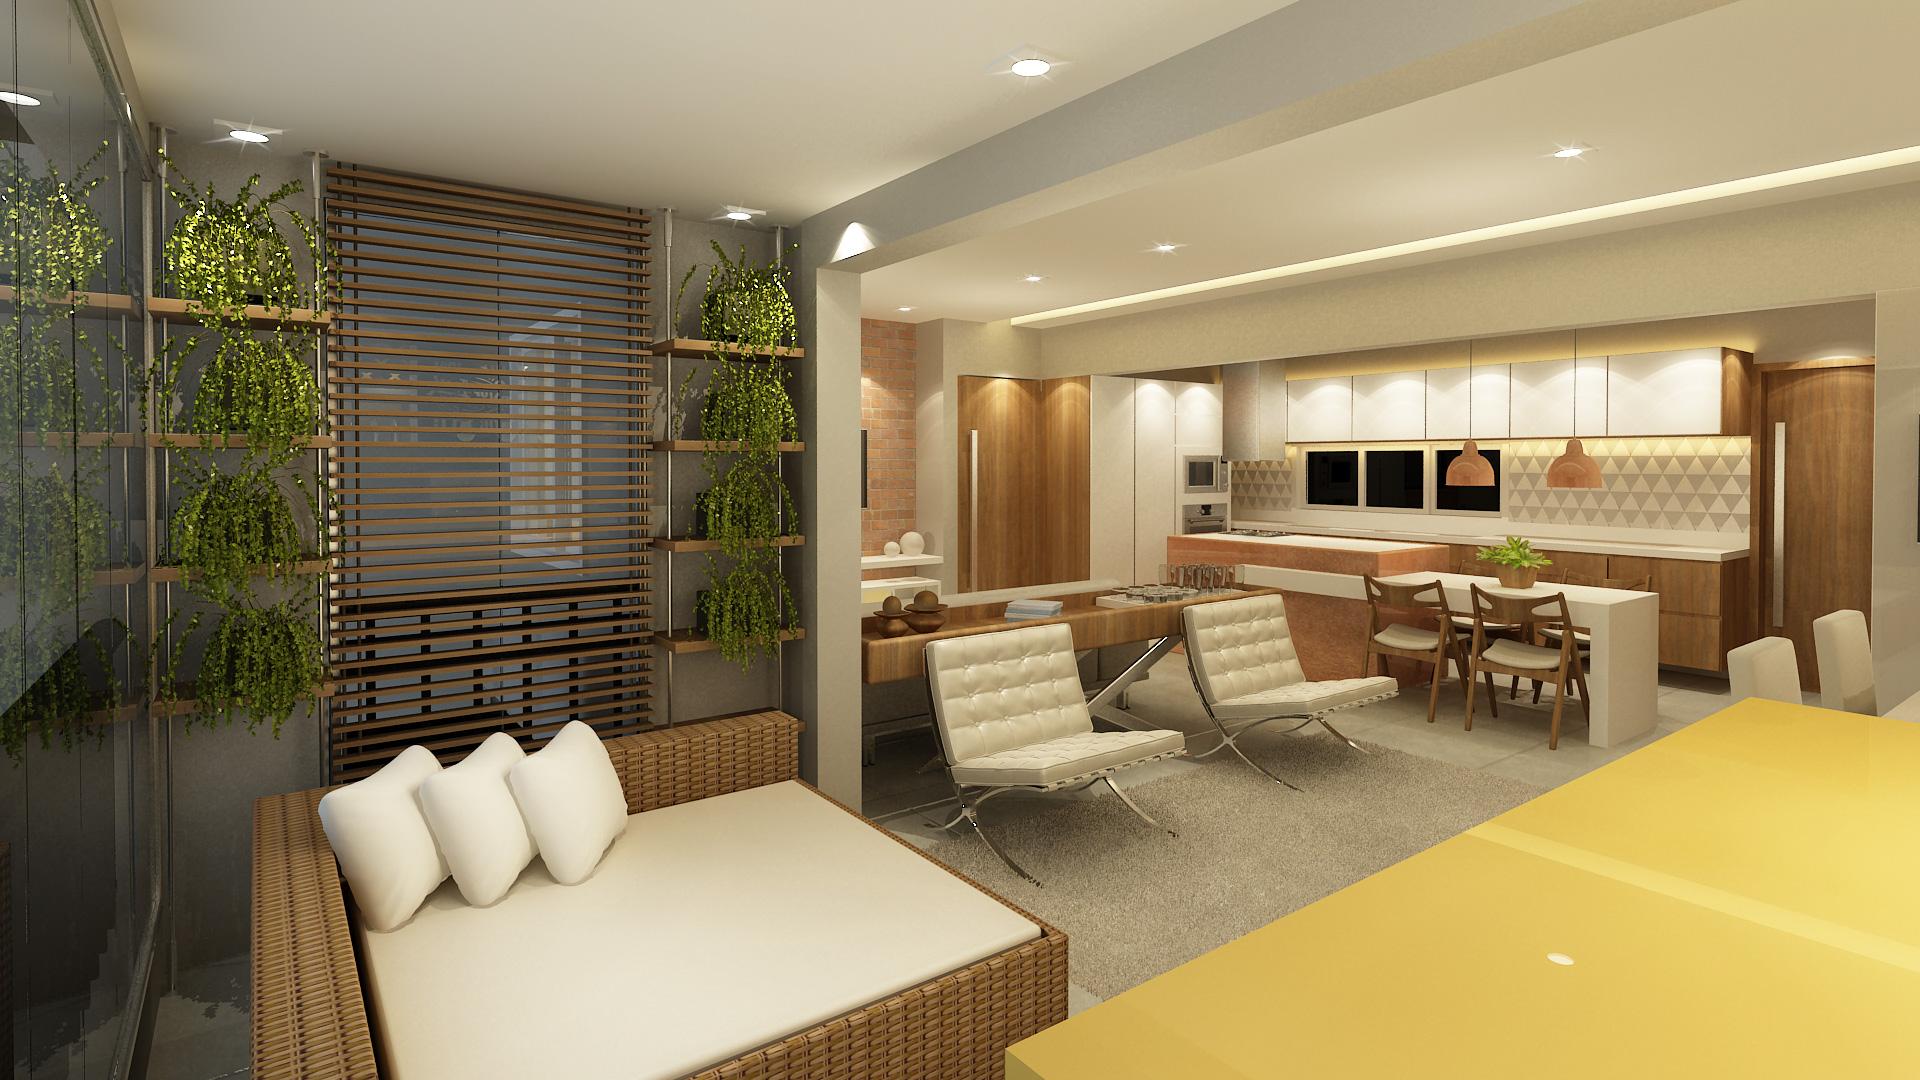 01-apartamento-design-interiores-mazzark-conceito-aberto-cozinha-americana